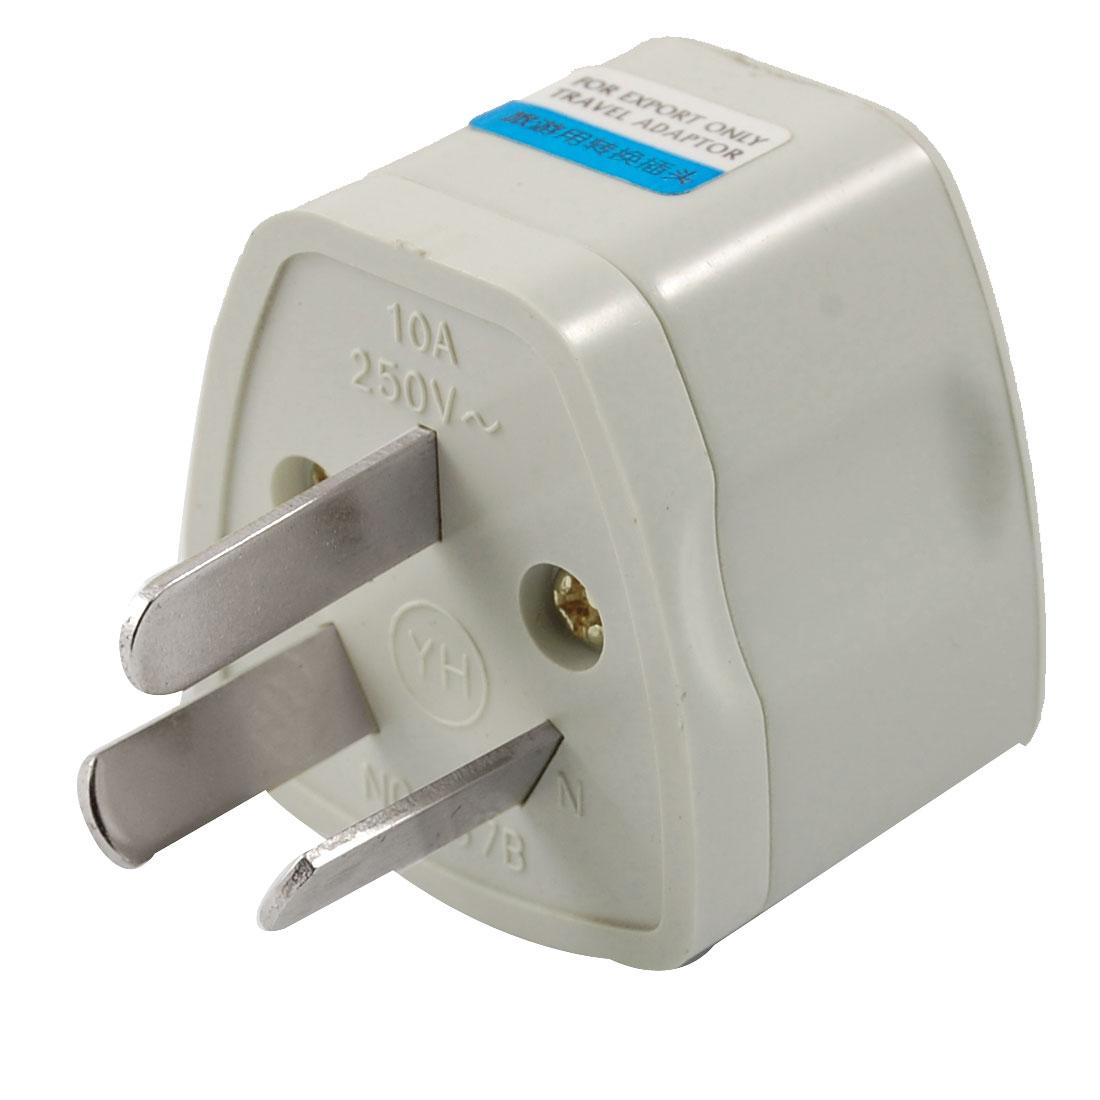 AC 250V 10A Travel AU 3 Pole Plug to EU UK US Socket Power Adapter